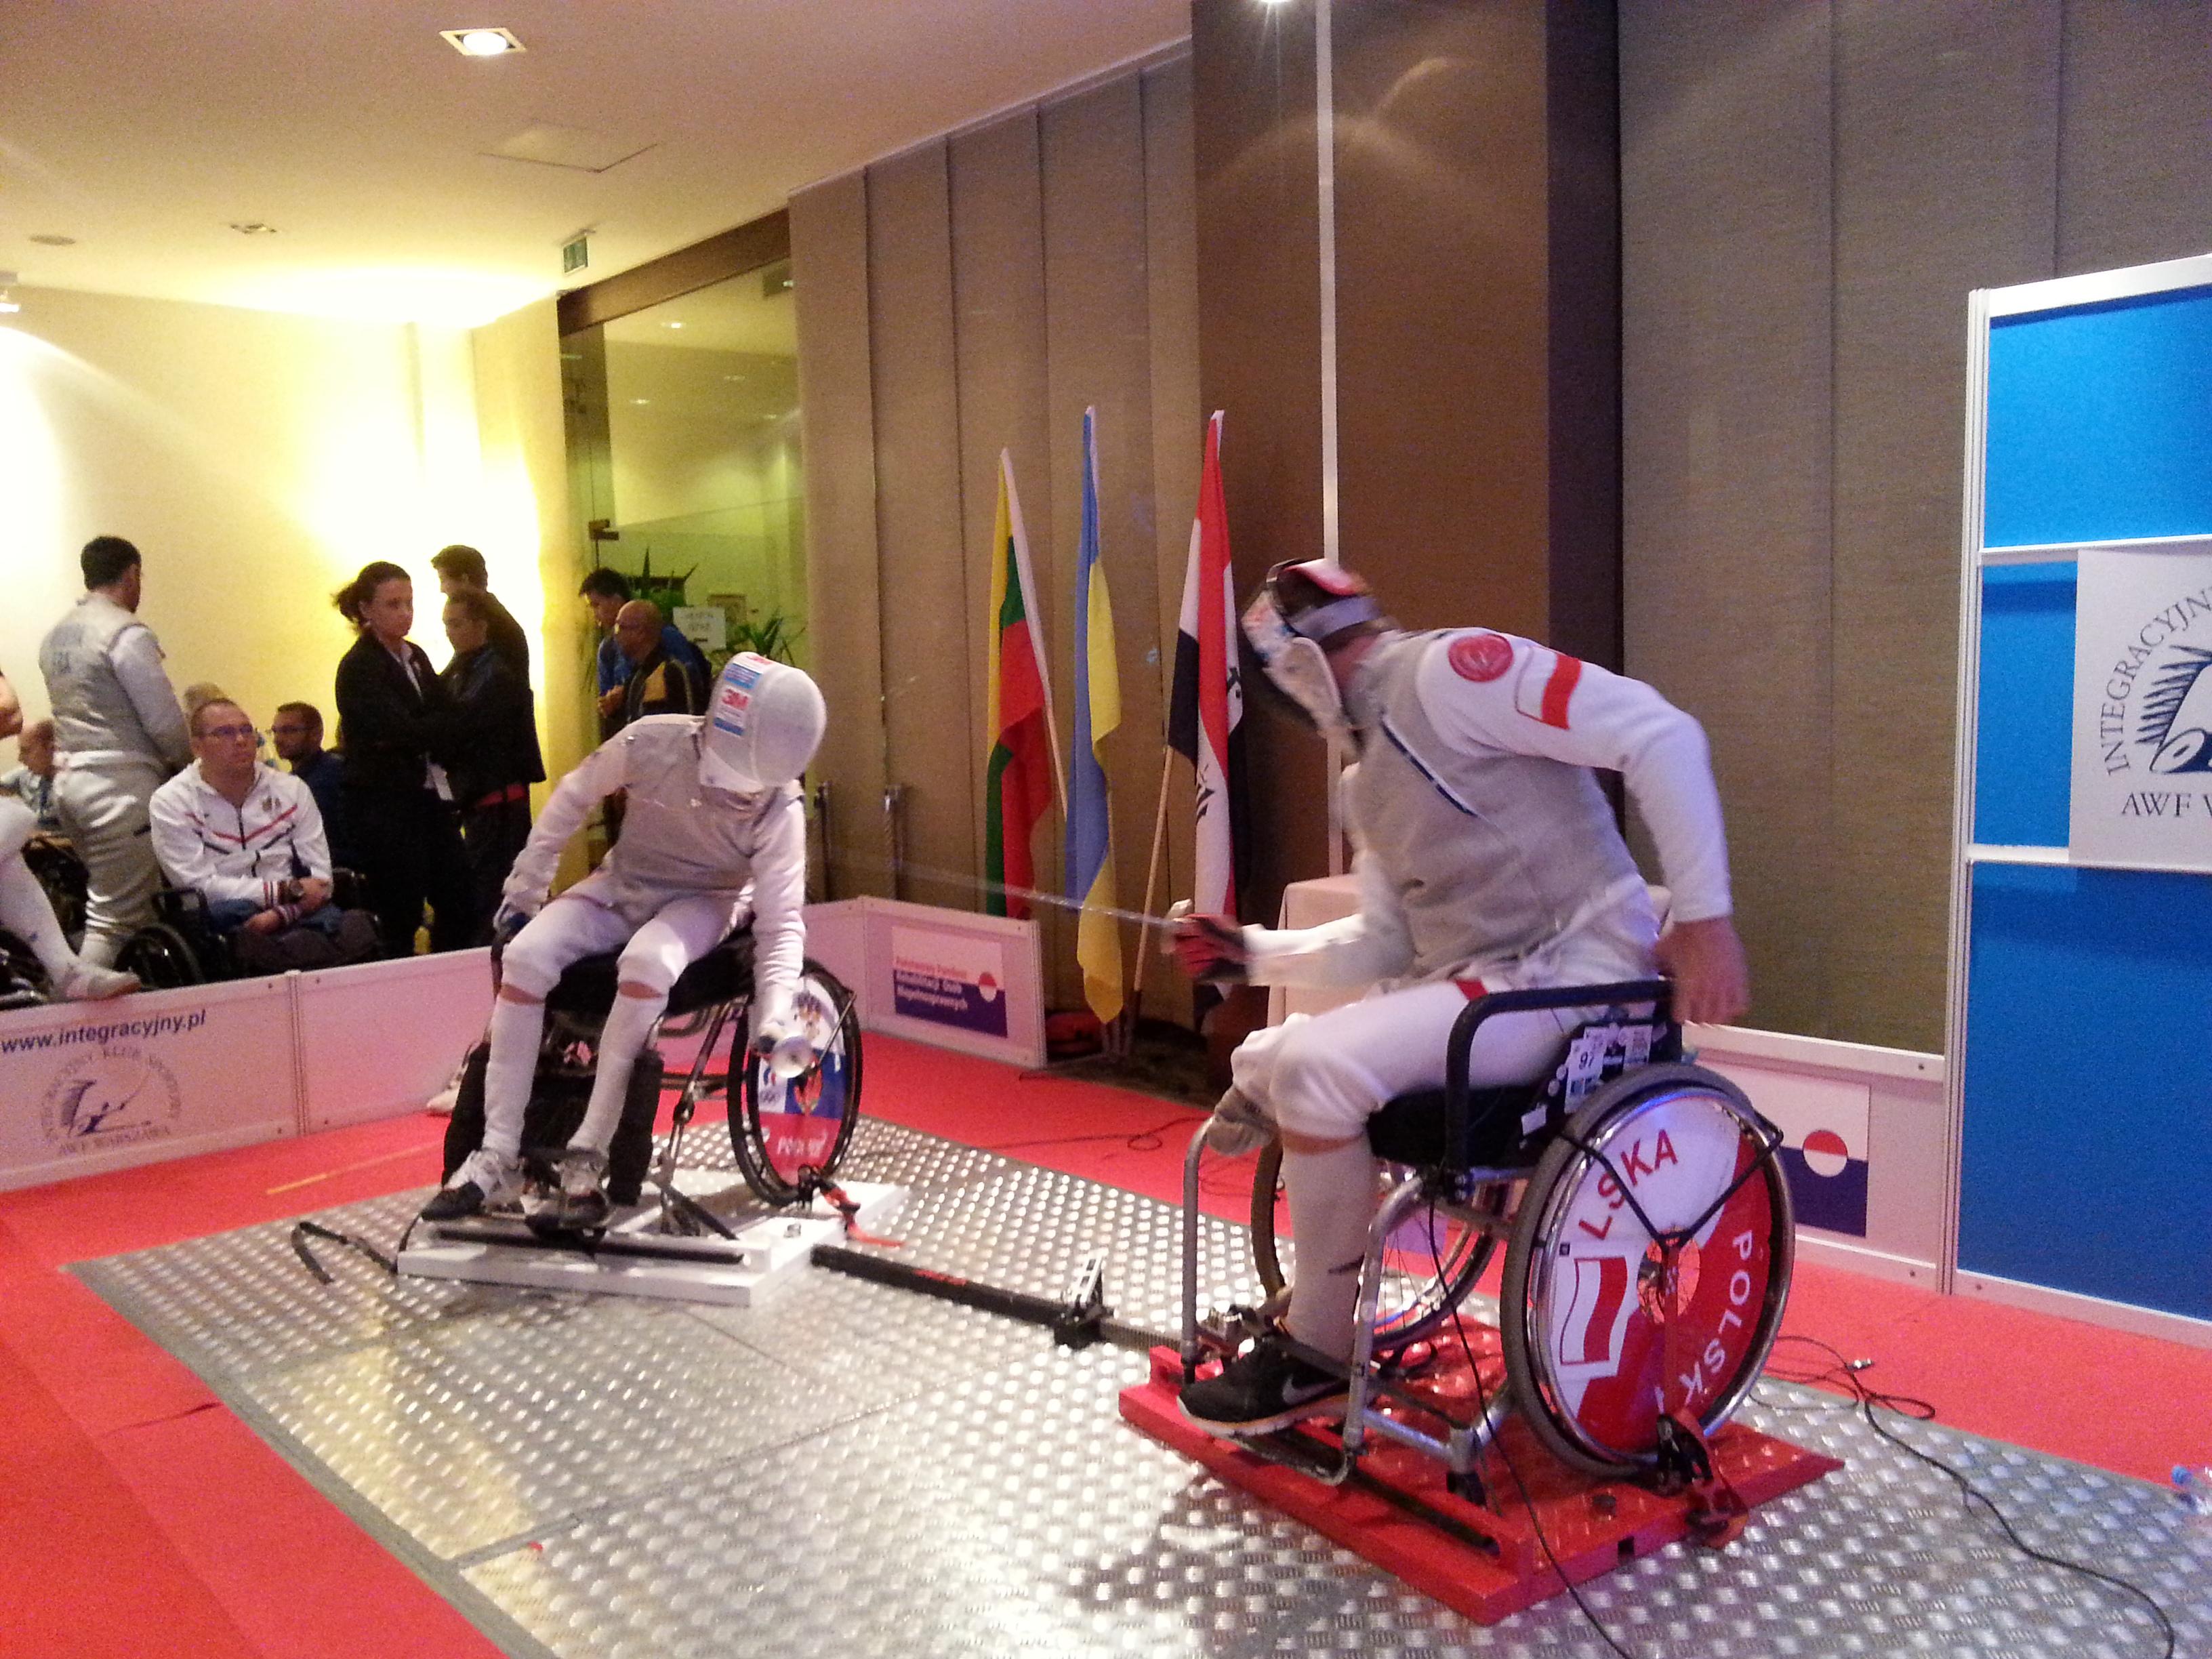 Сборная команда России по фехтованию на колясках завоевала 7 медалей в первые три дня Кубка мира в Польше